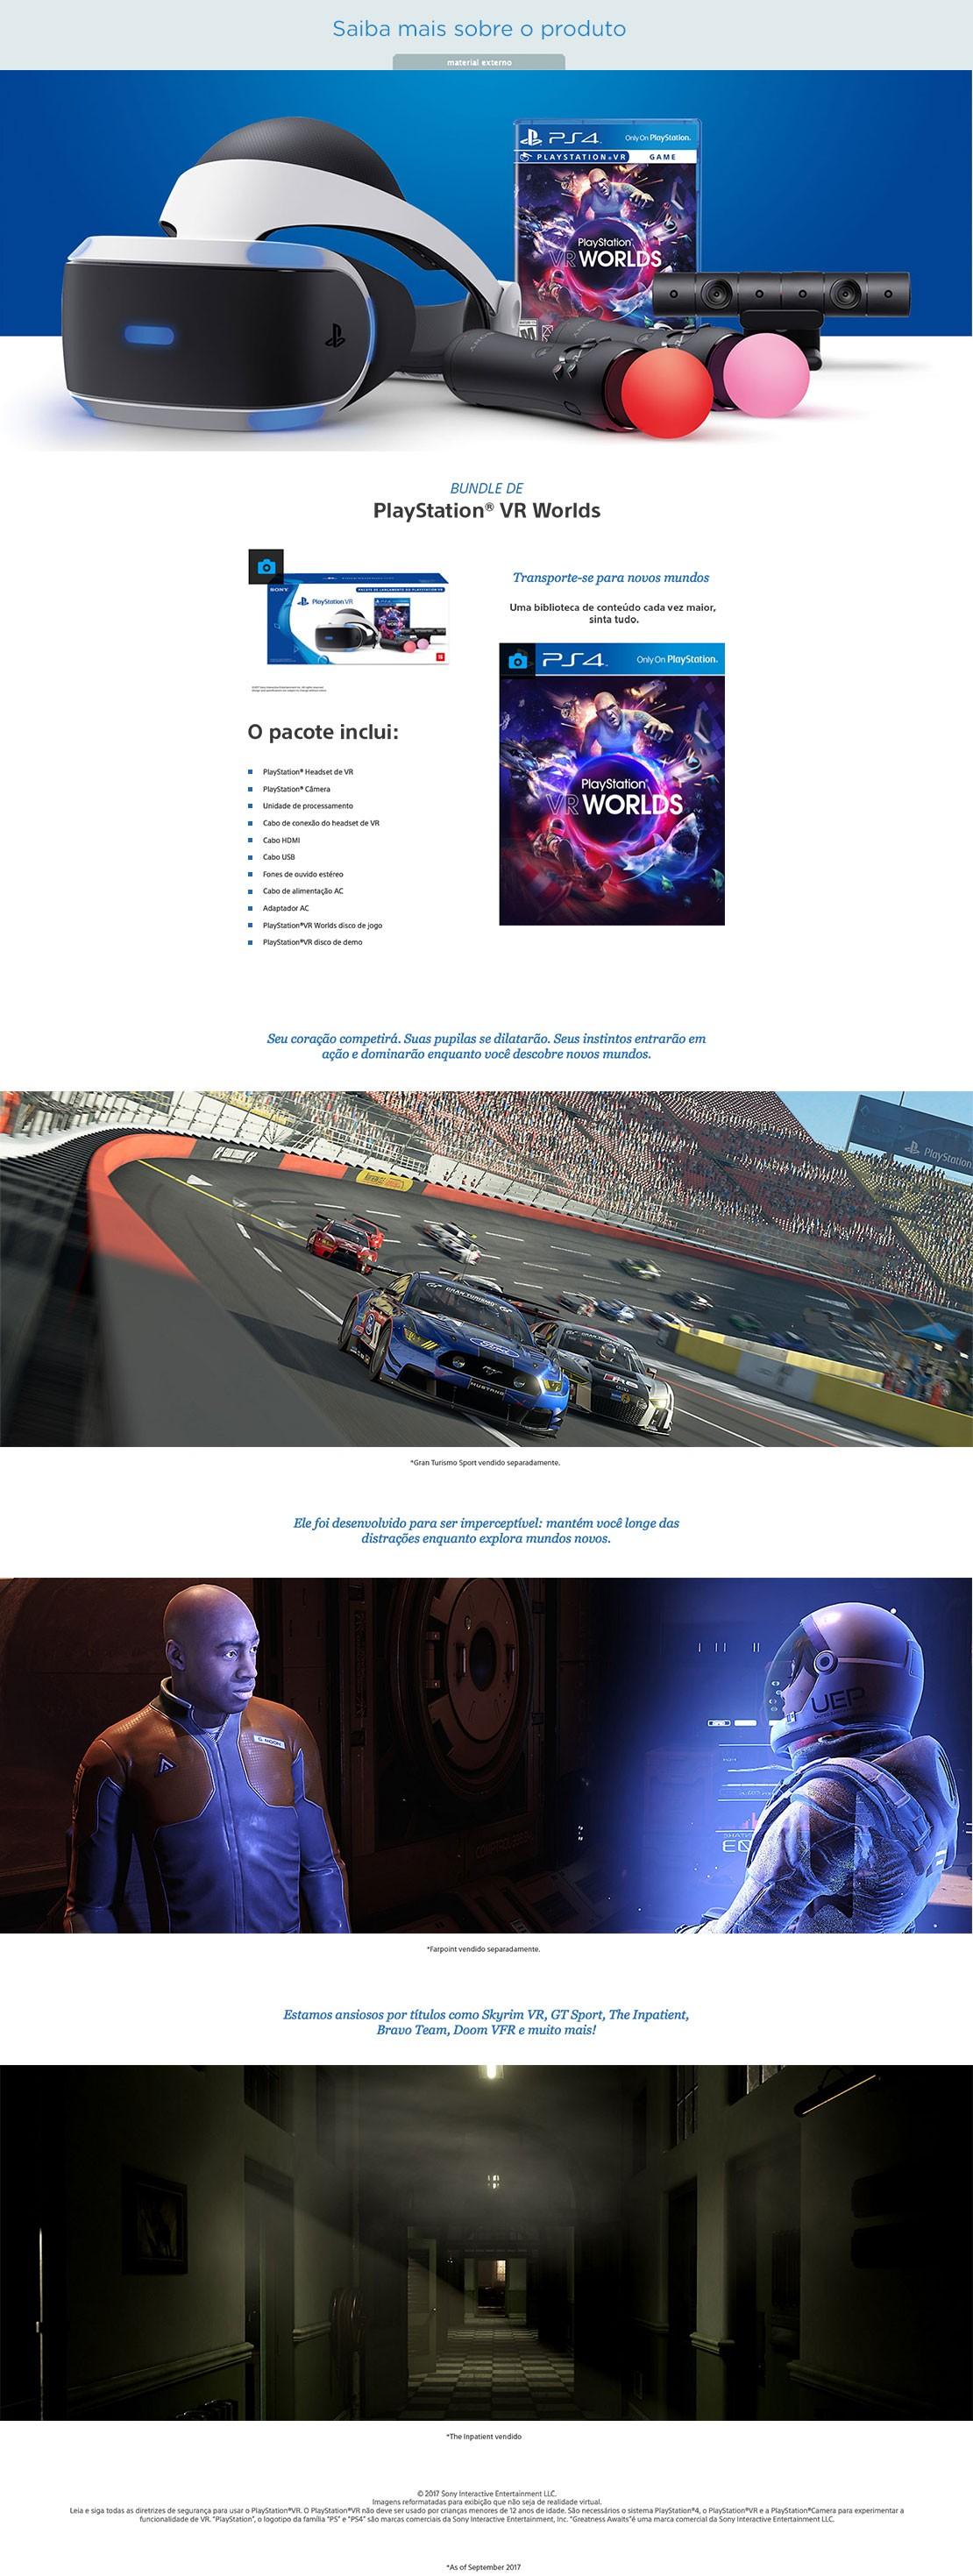 Os donos de PS4 Pro também podem desfrutar de reprodução de vídeo em 4K com  o seu dispositivo PS VR, proporcionando uma reprodução incrivelmente  envolvente ... 805fe39b03